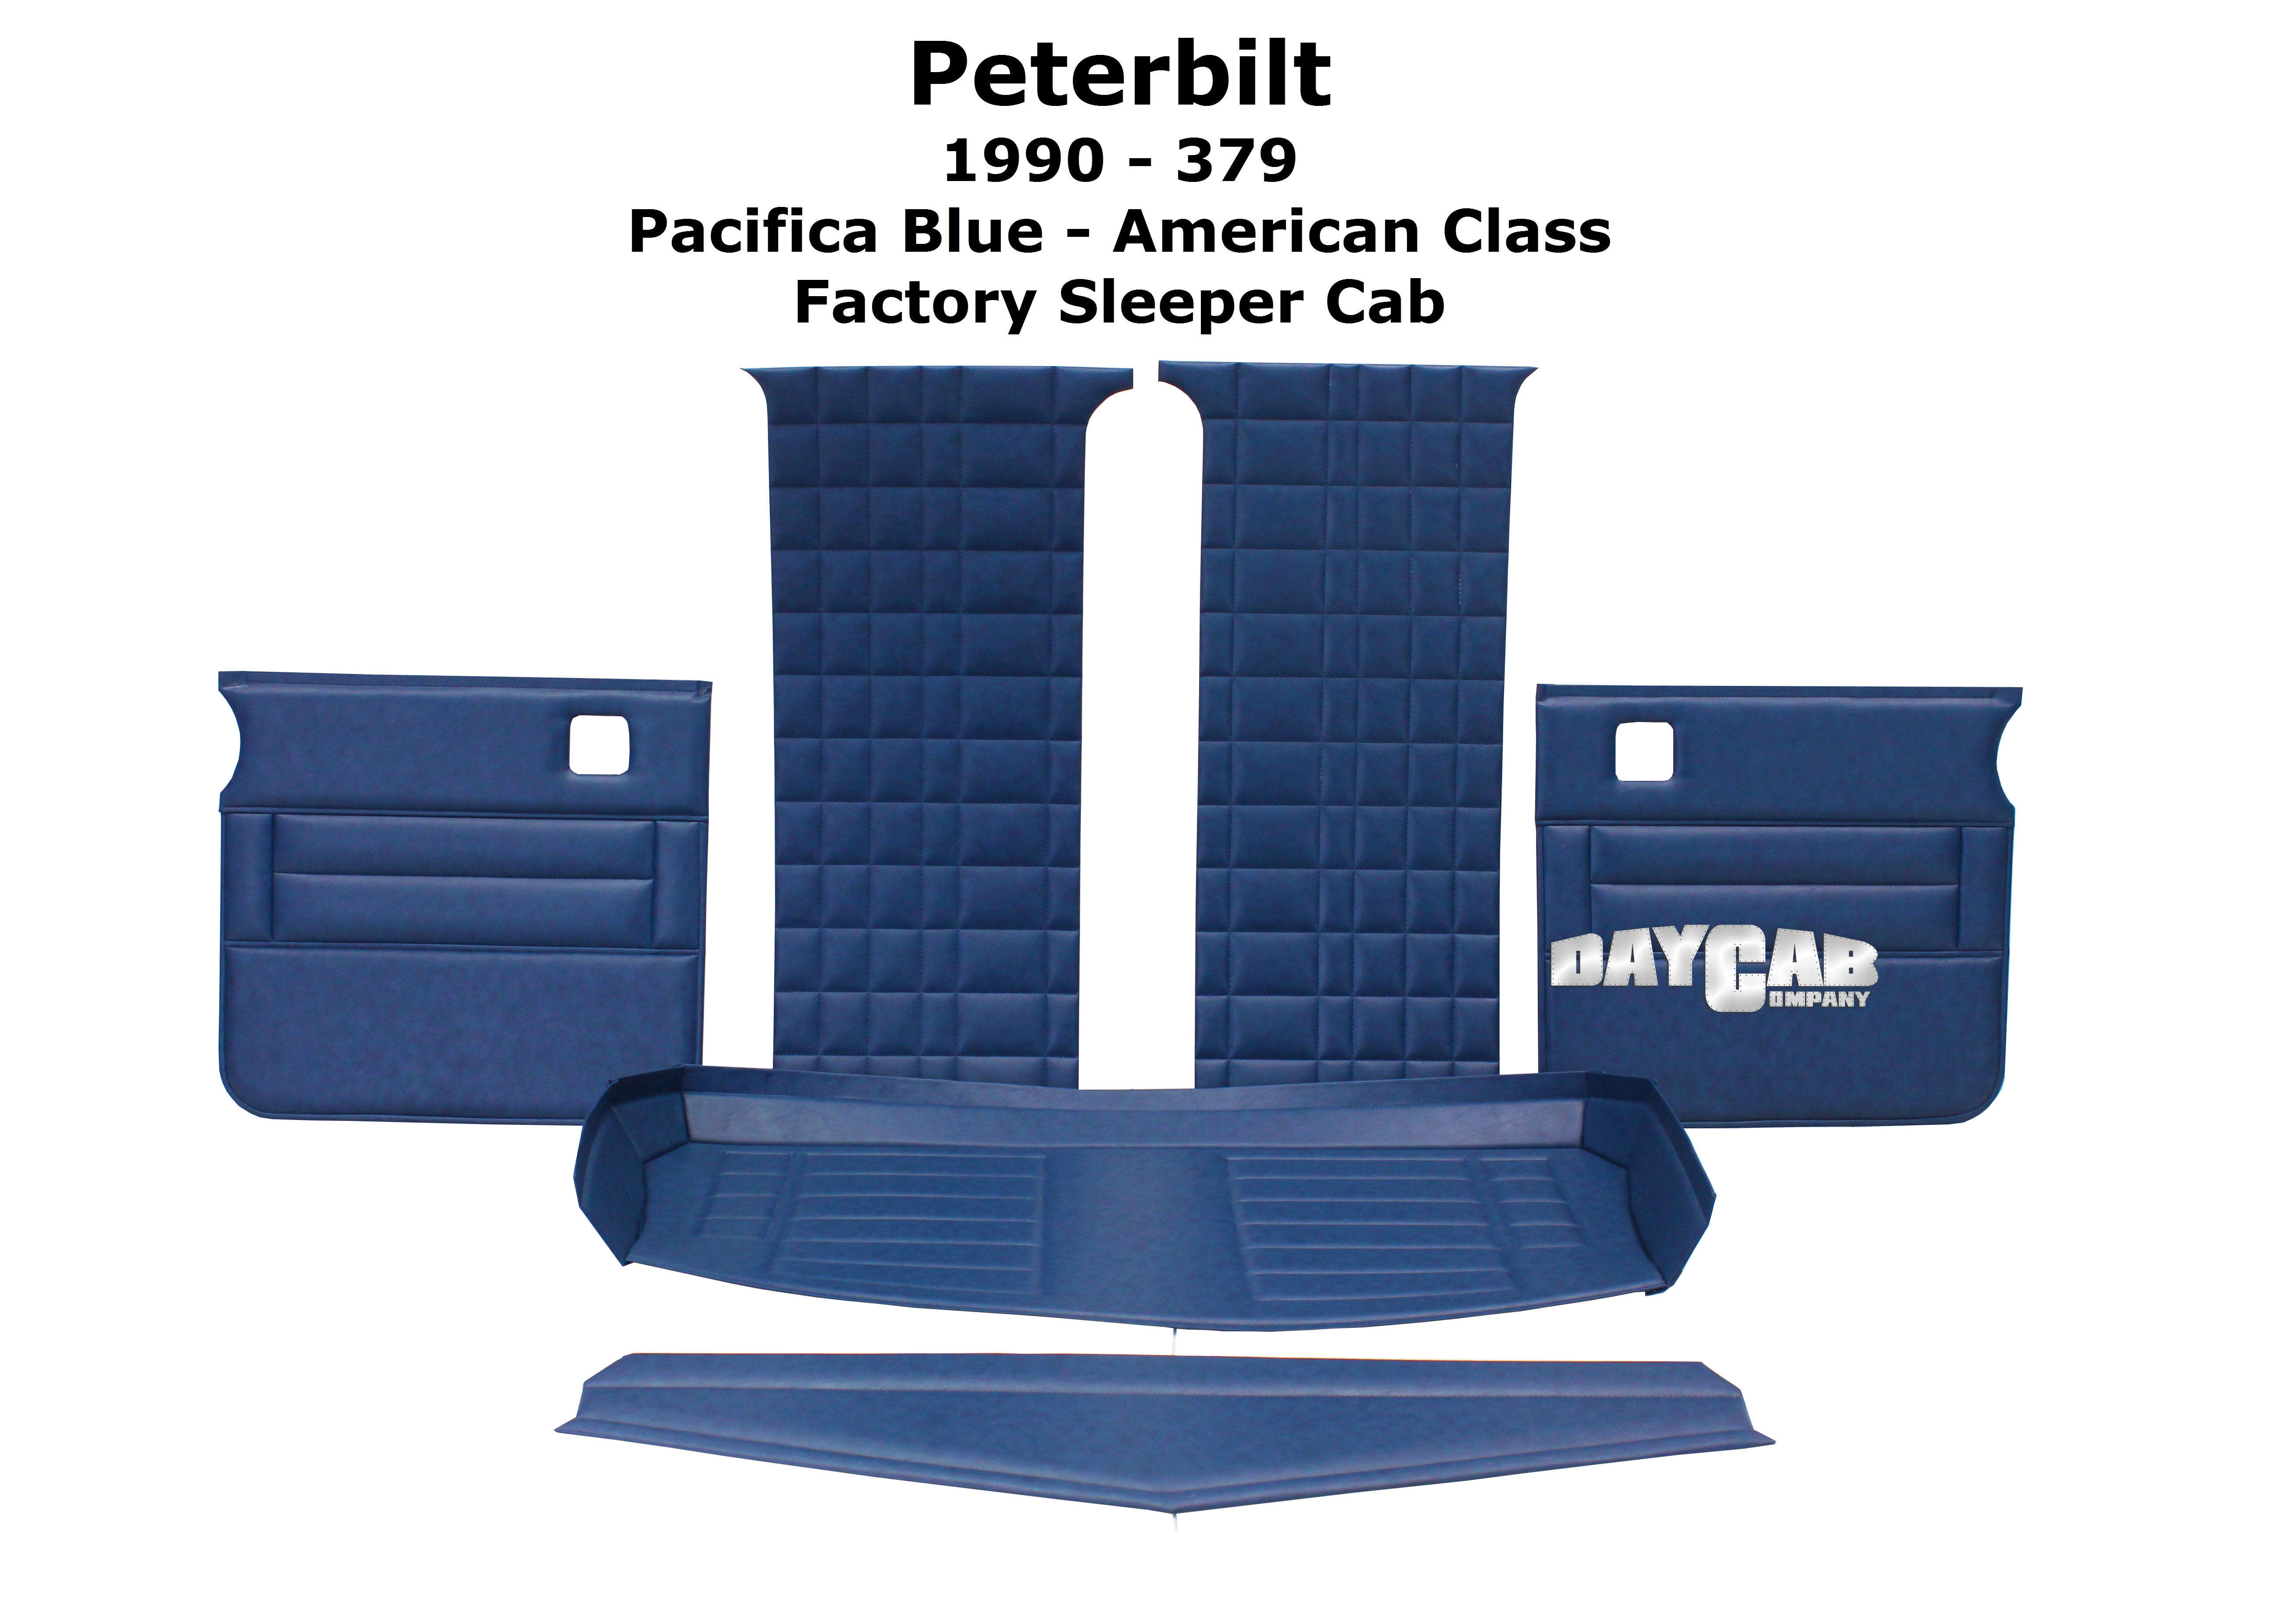 Peterbilt 1990 379 Sleeper Cab Upholstery Kit